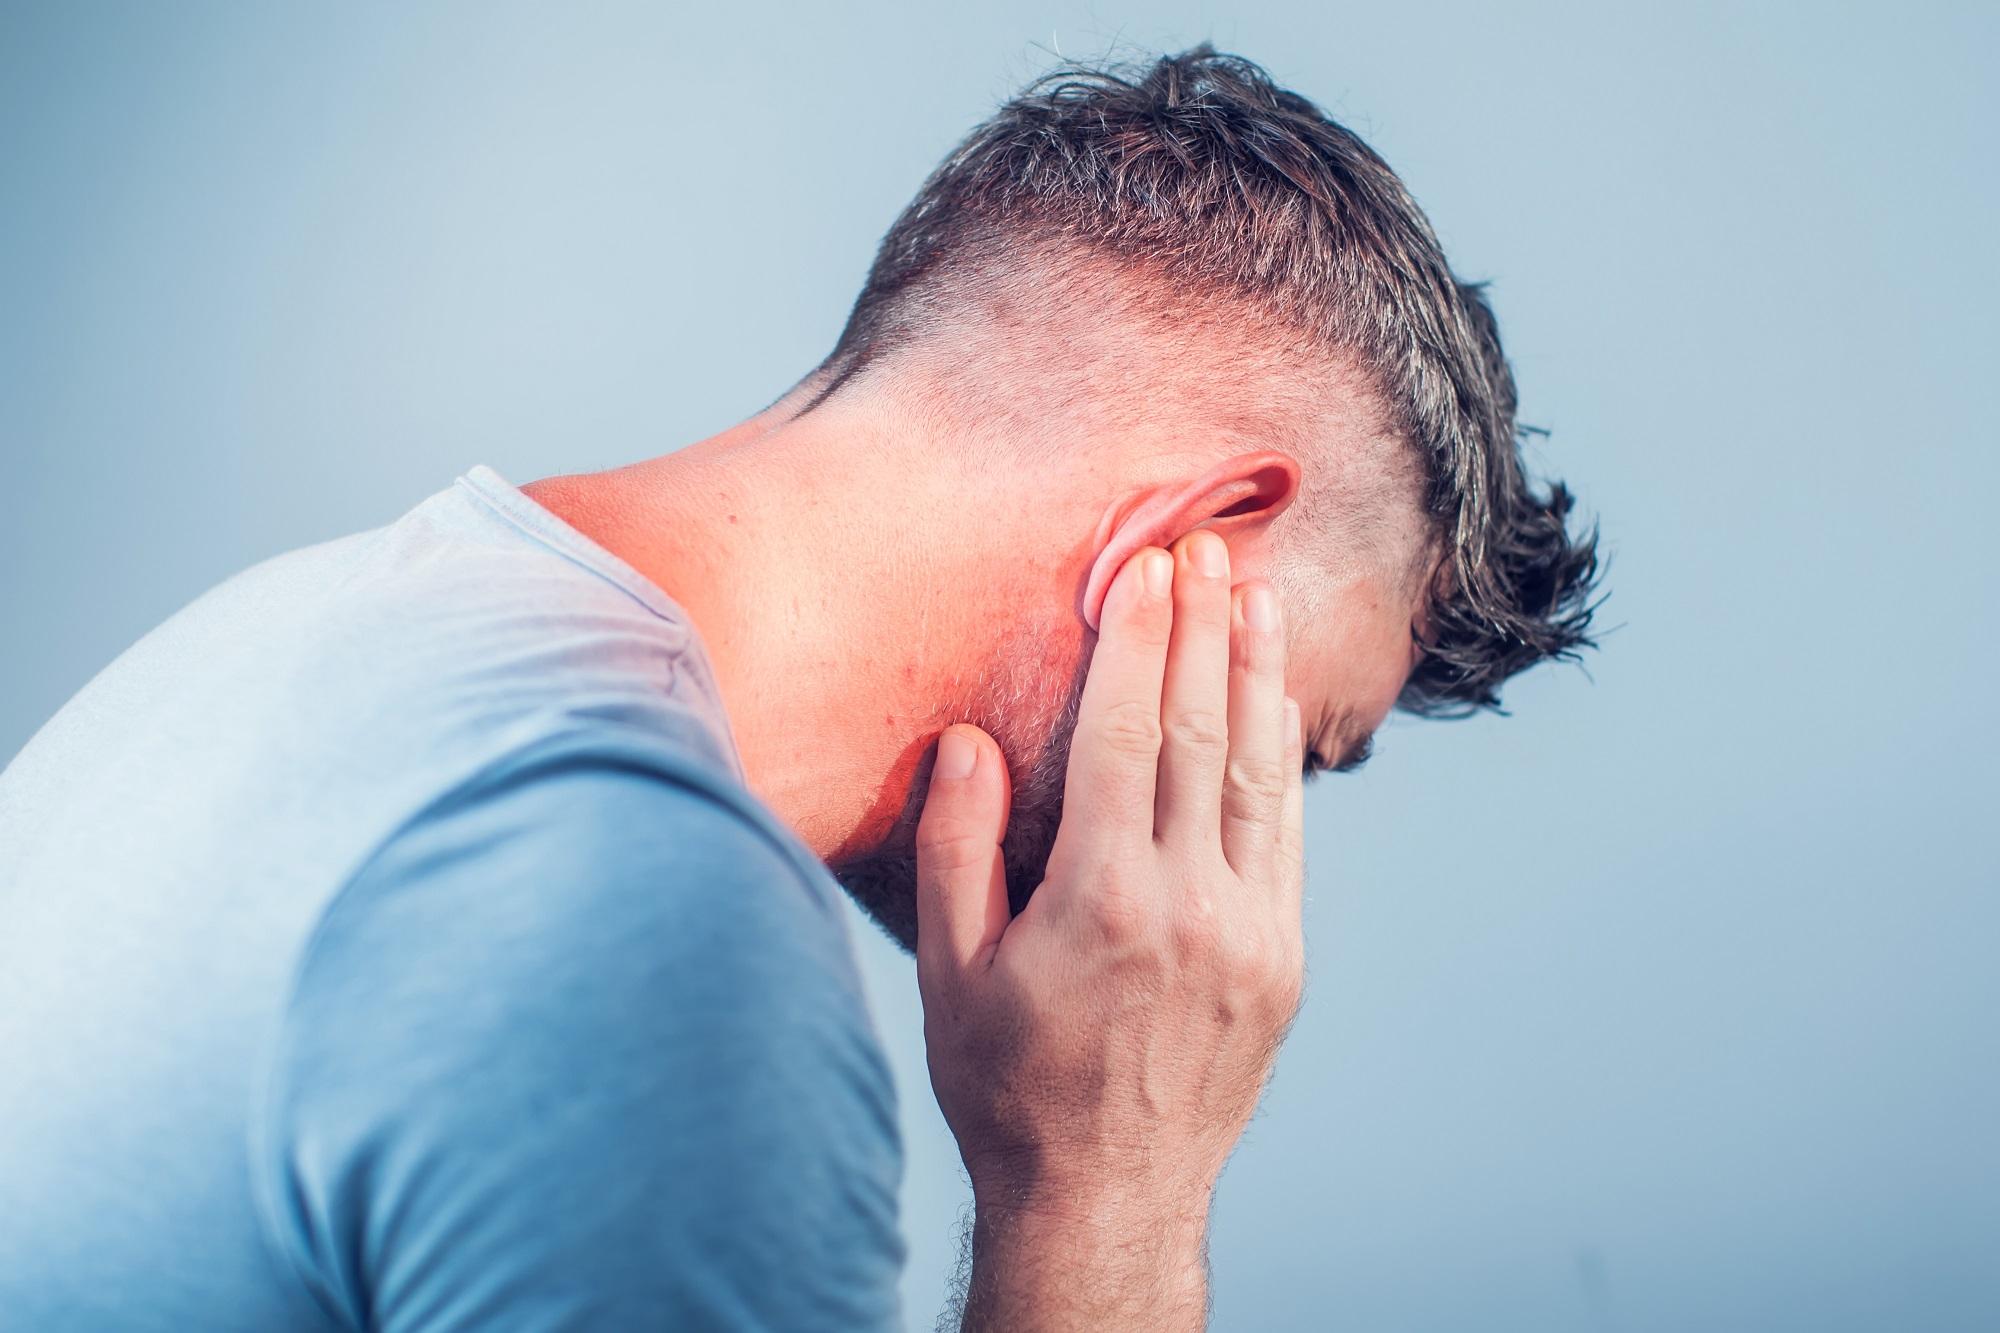 Myth 2: SIH Presents Only As an Orthostatic Headache